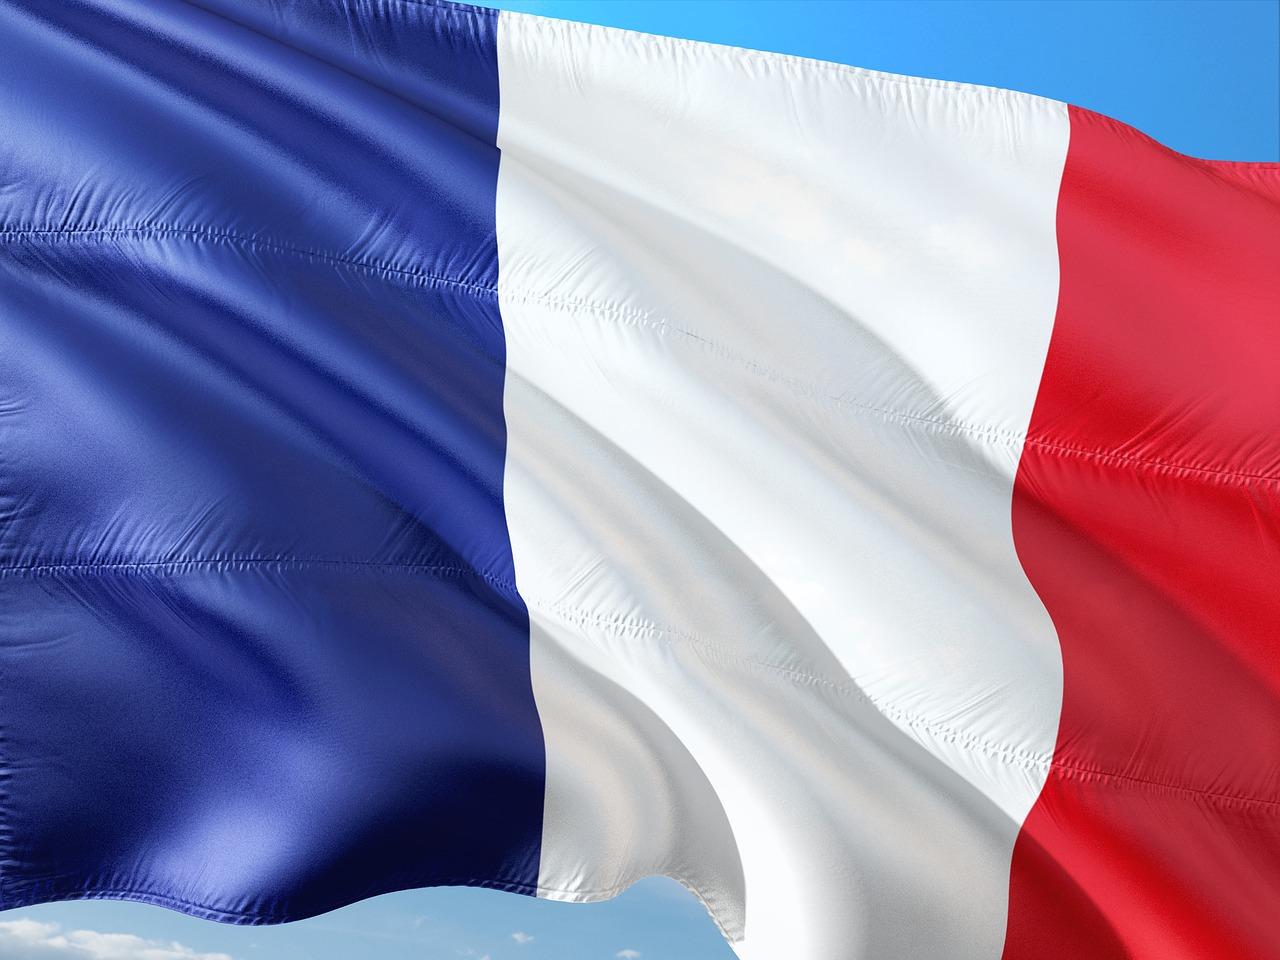 Quelle est la signification du drapeau bleu blanc rouge ?